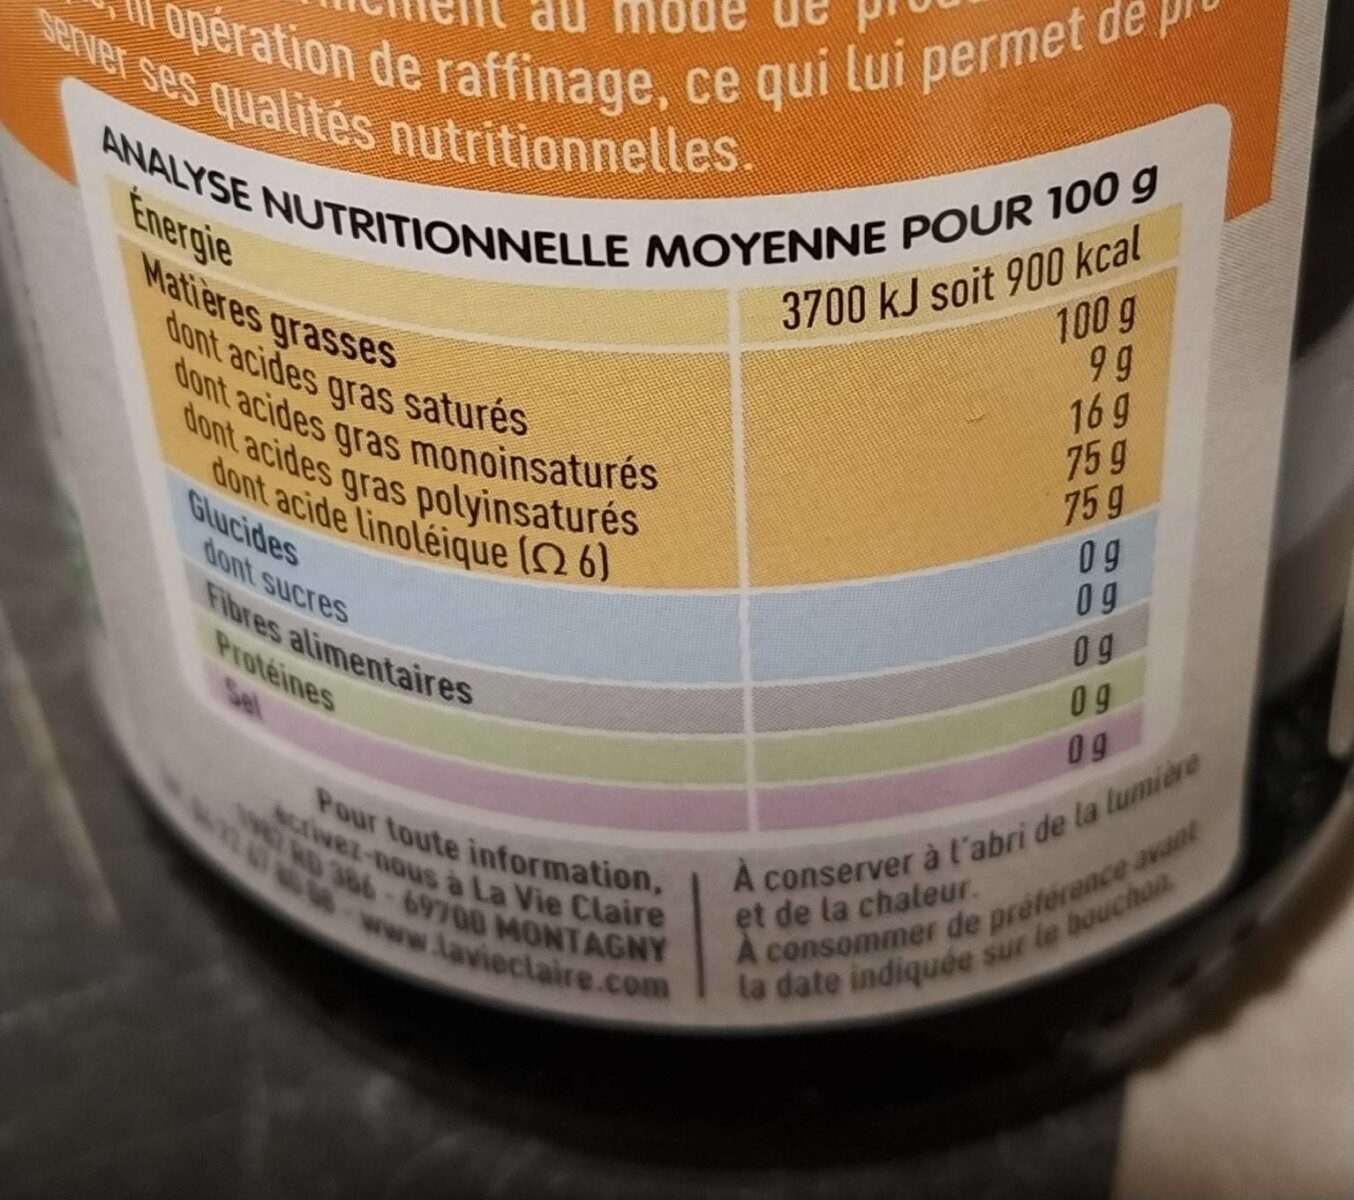 Huile vierge de carthame - Informations nutritionnelles - fr